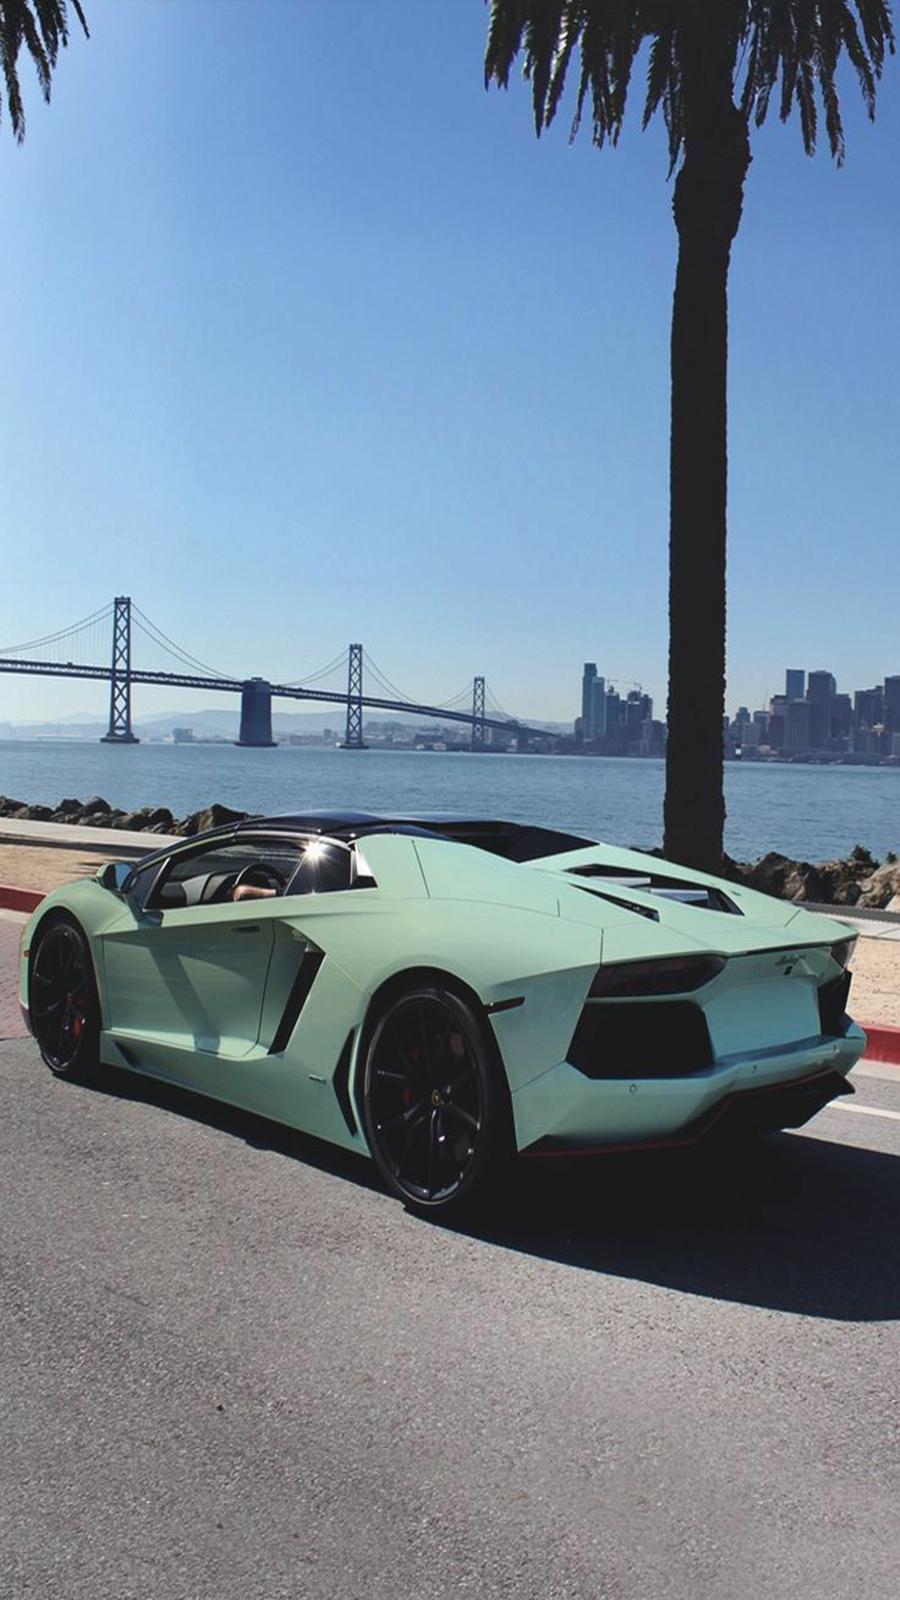 Top Lamborghini Wallpapers Free Download – Best Wallpapers